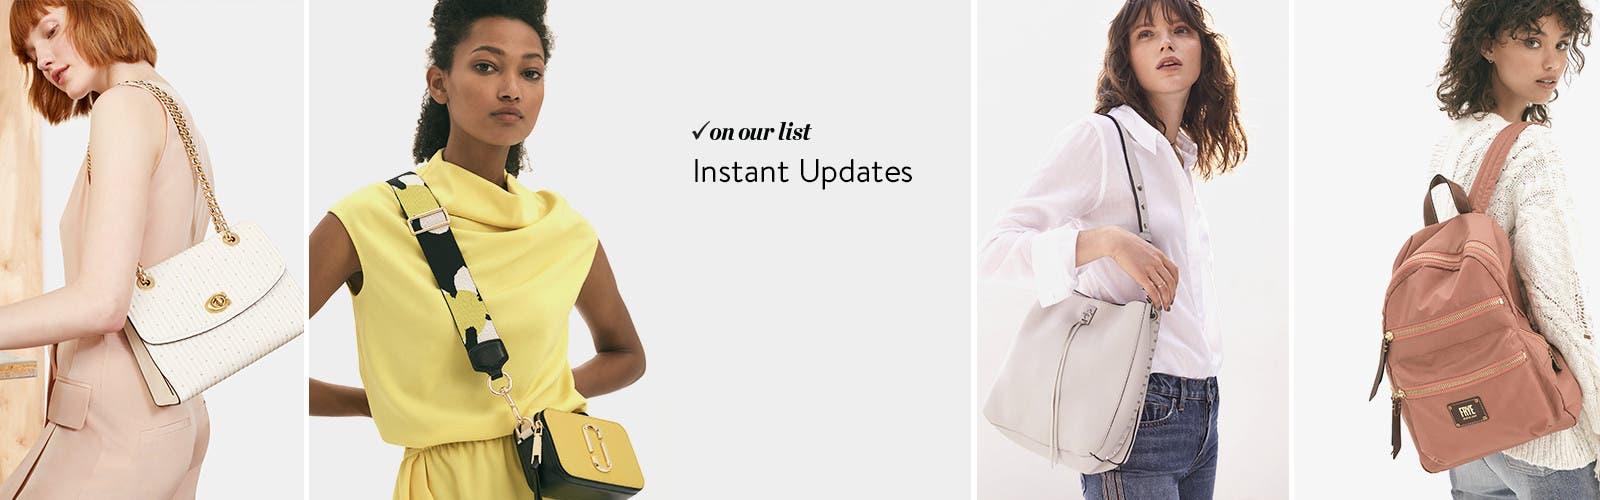 Instant updates.